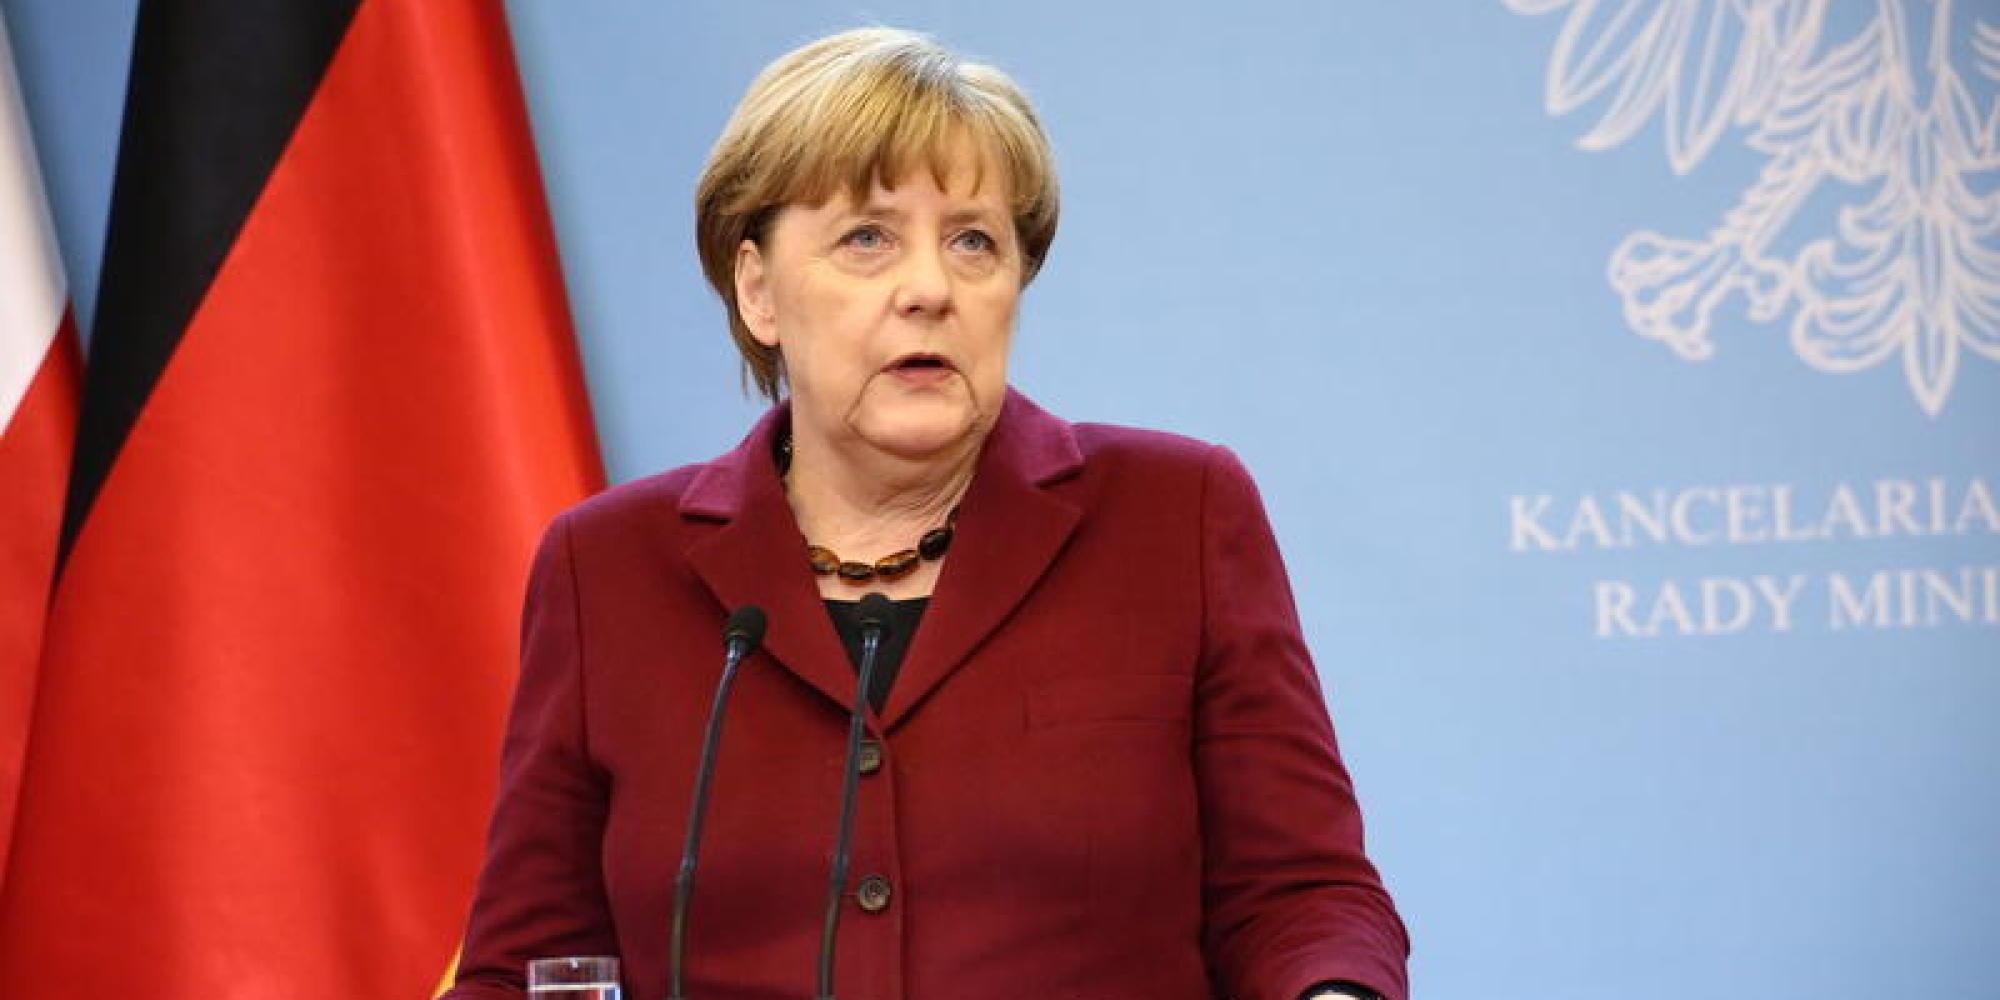 Il passo veloce dell 39 europa possibile e le ambiguit di - Papa bagno chimico ...